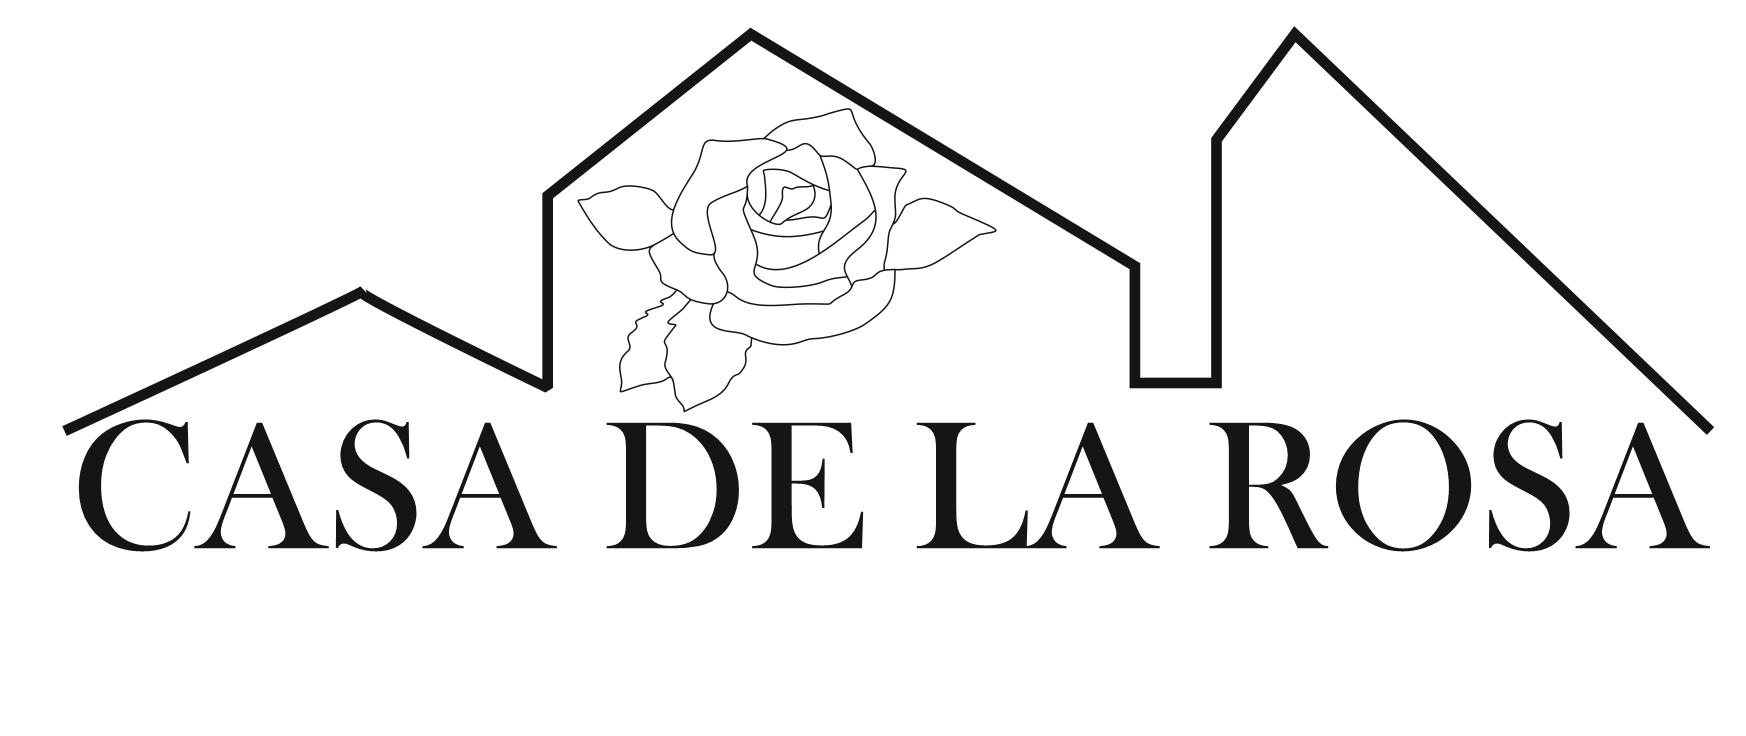 Логотип + Фирменный знак для элитного поселка Casa De La Rosa фото f_9415cd83f665c3a6.png